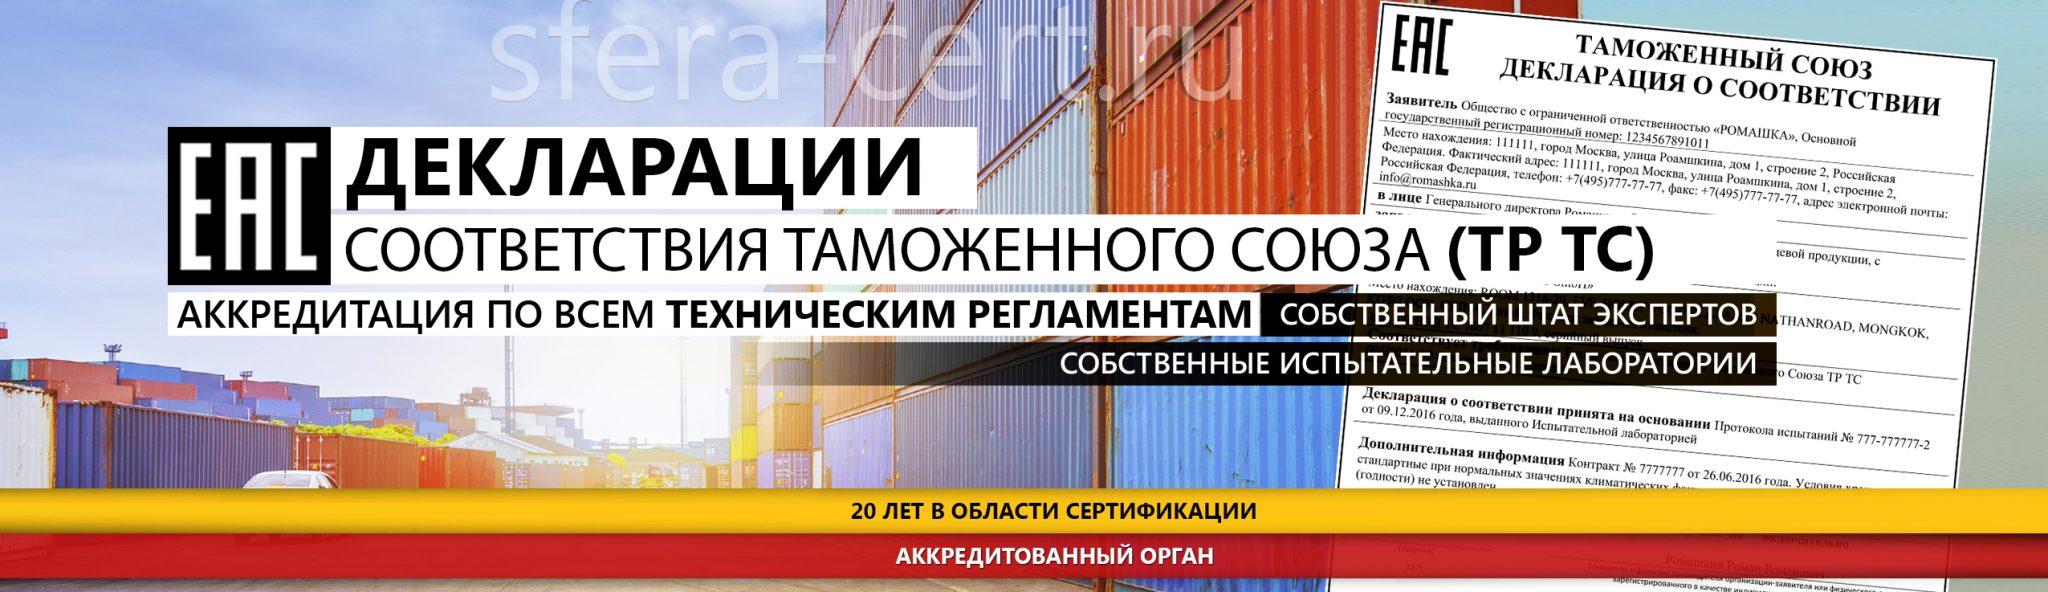 Декларация соответствия техническому регламенту (ТР ТС)